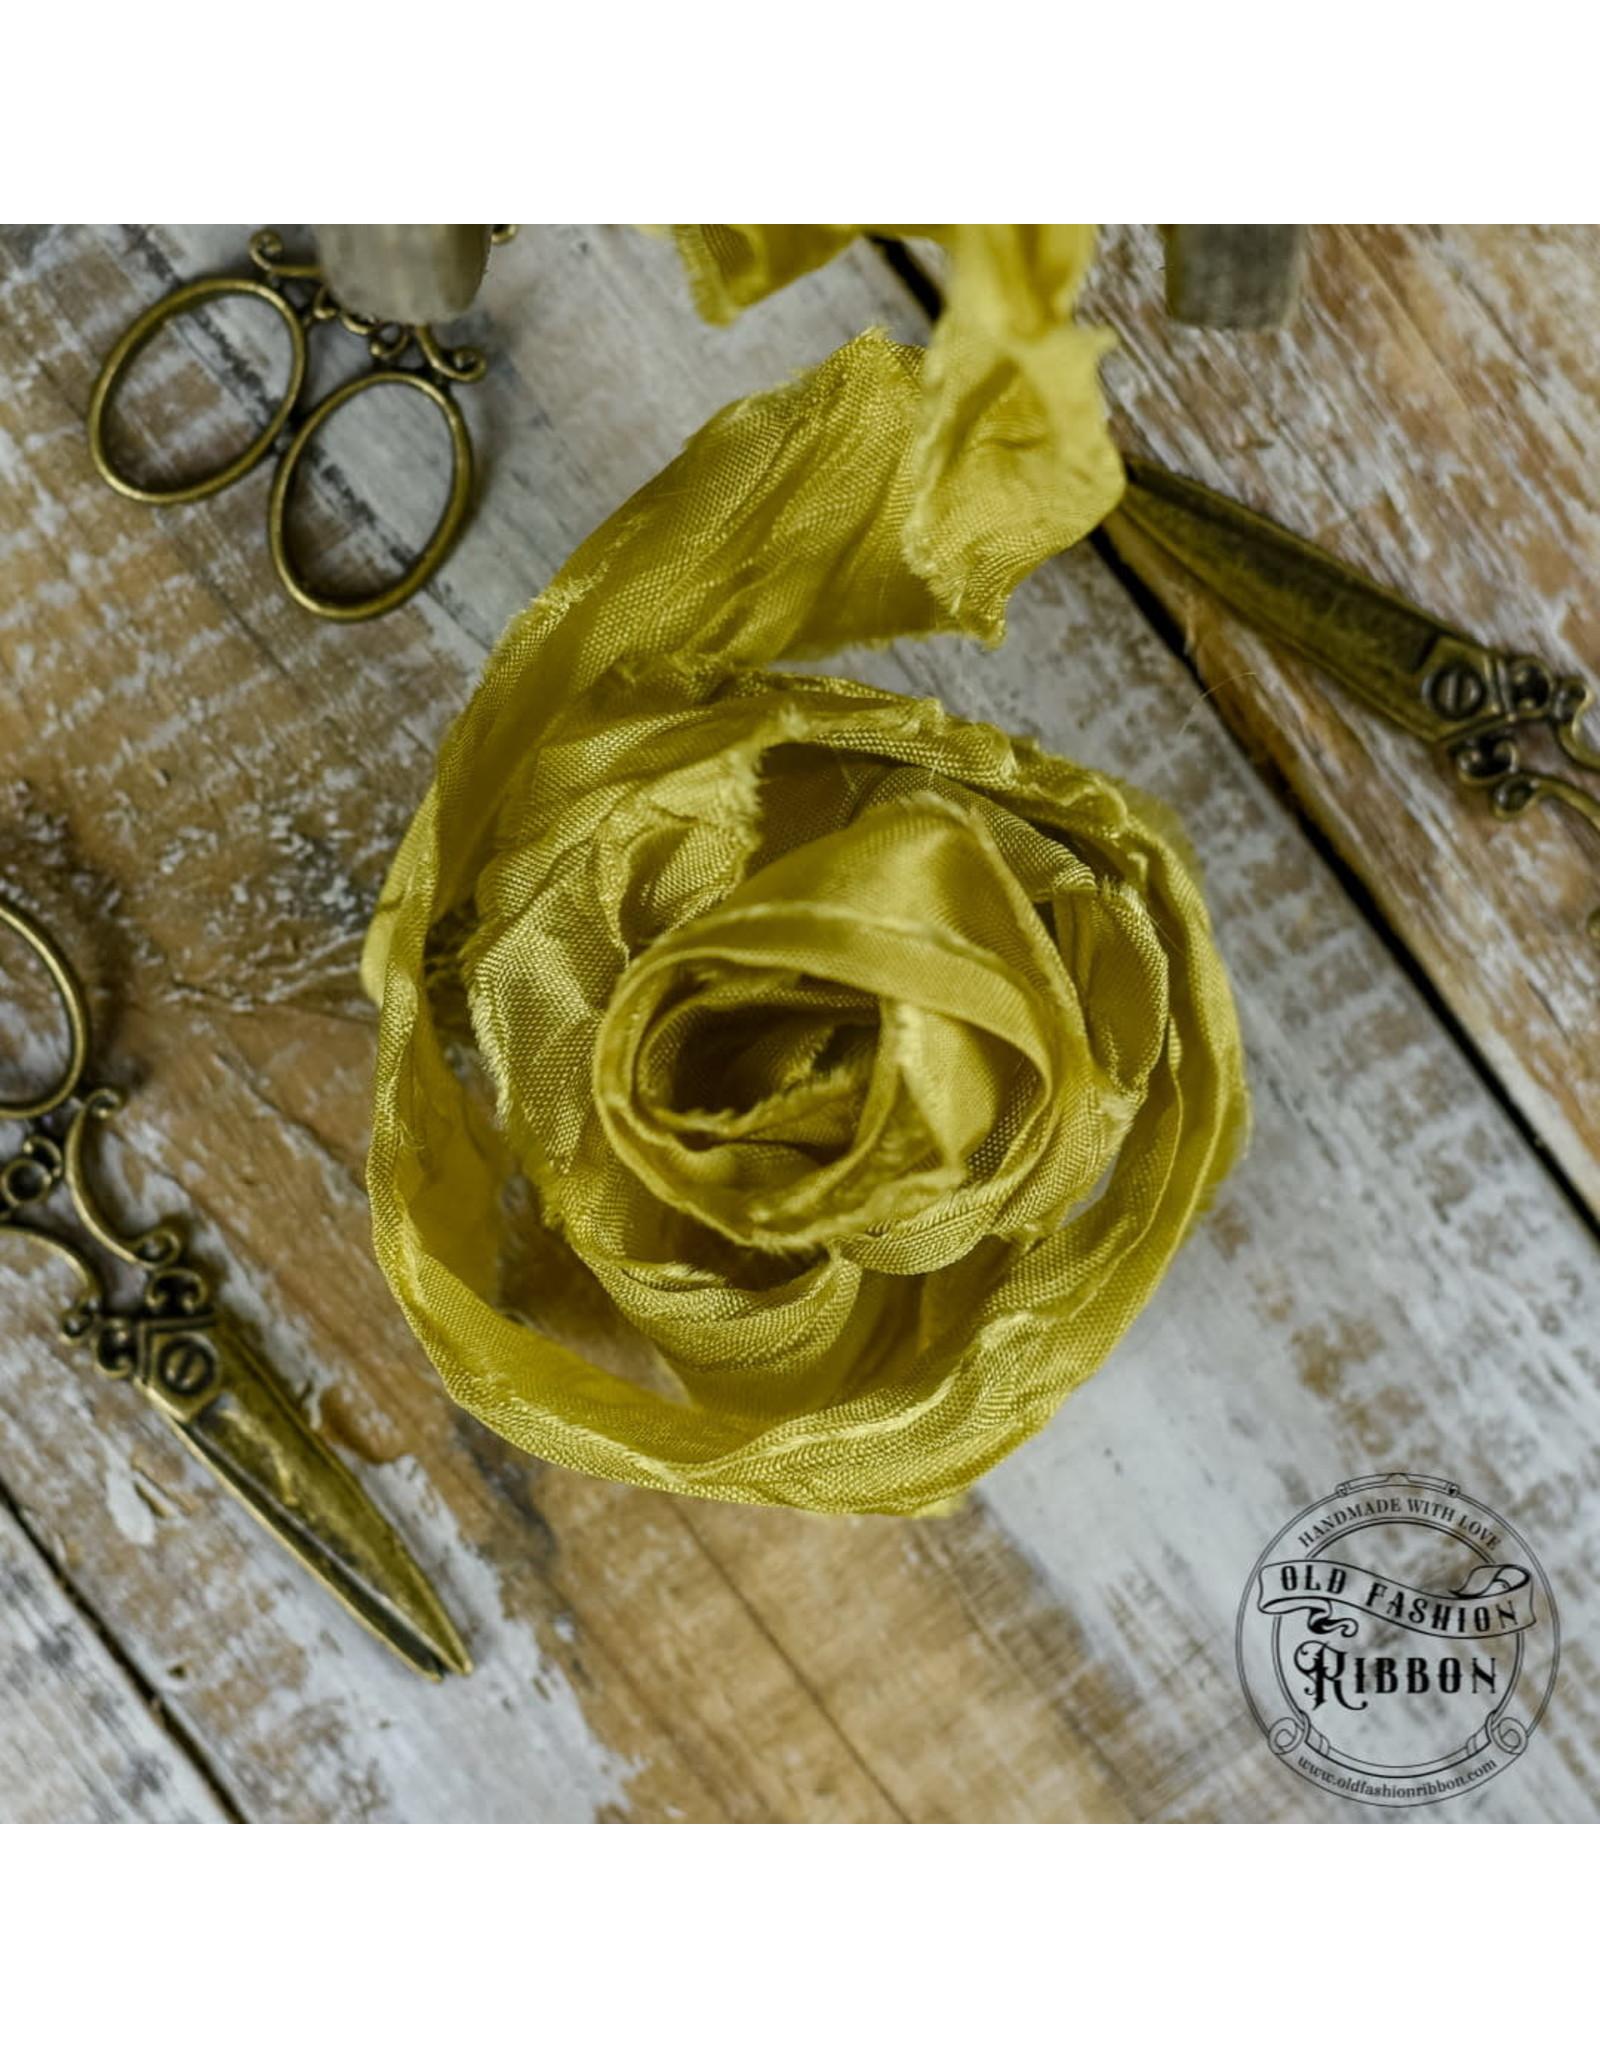 Old Fashion Ribbon Old Fashion Ribbon Satijn ustard OLDSB17